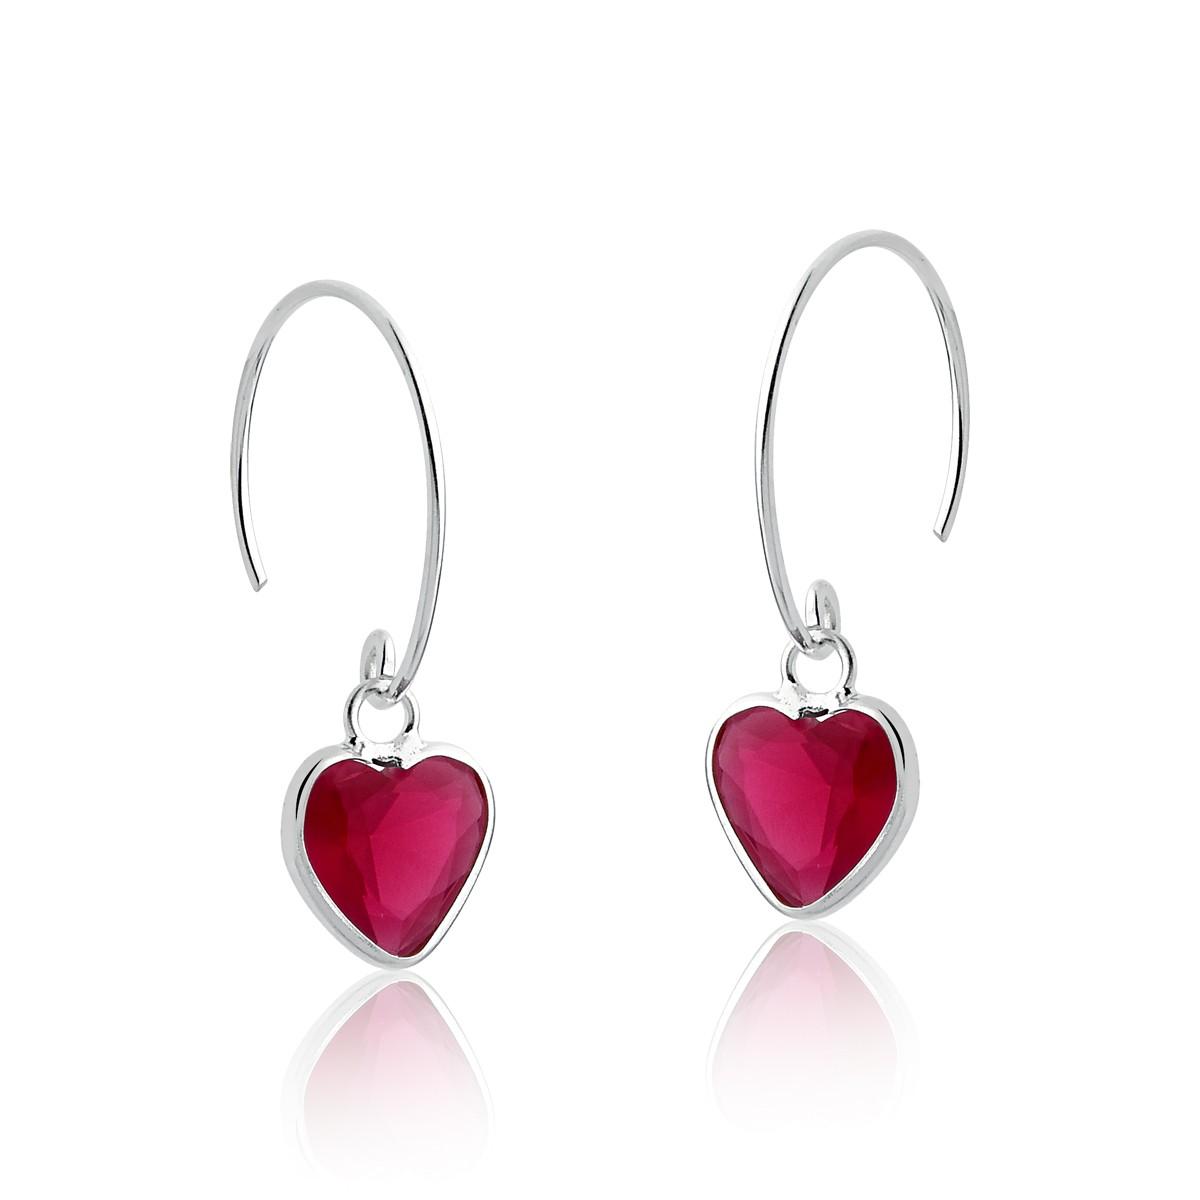 Brinco Argola Coração Zircônia Rosa